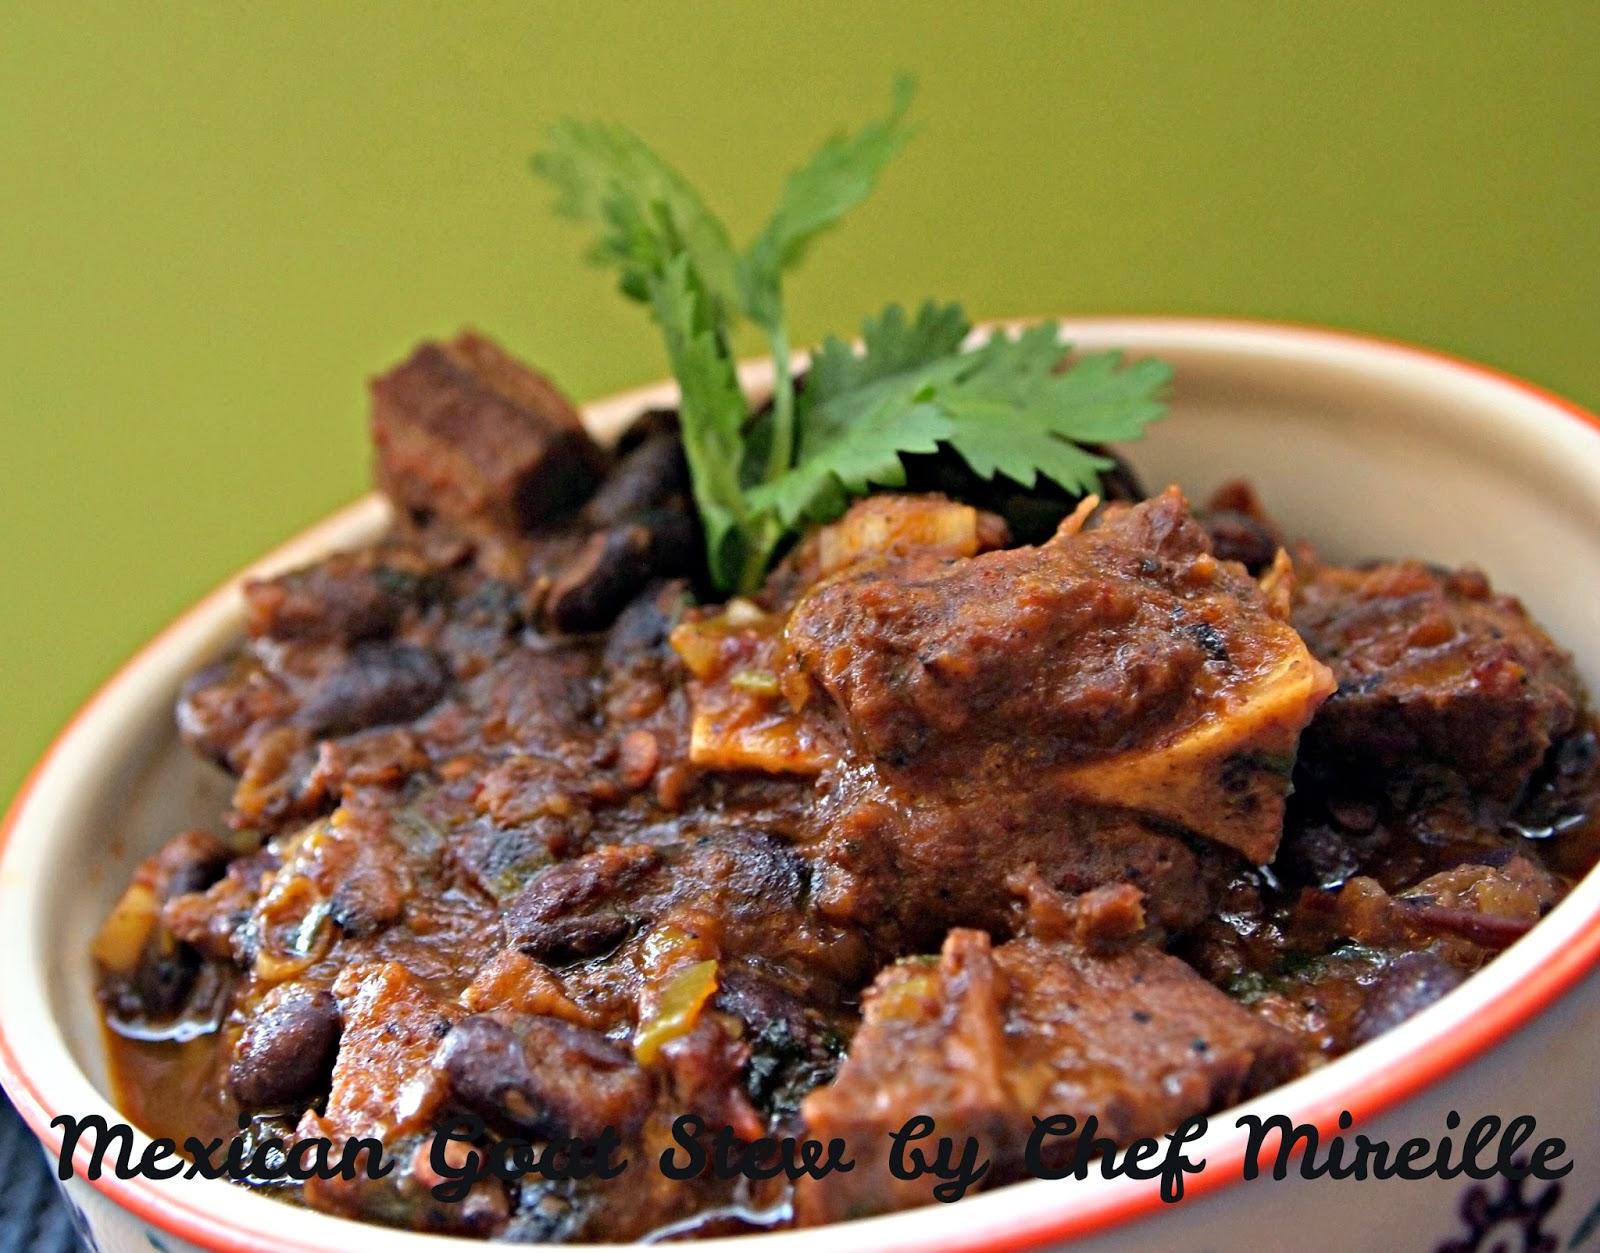 Mexican Goat Stew - The Schizo Chef